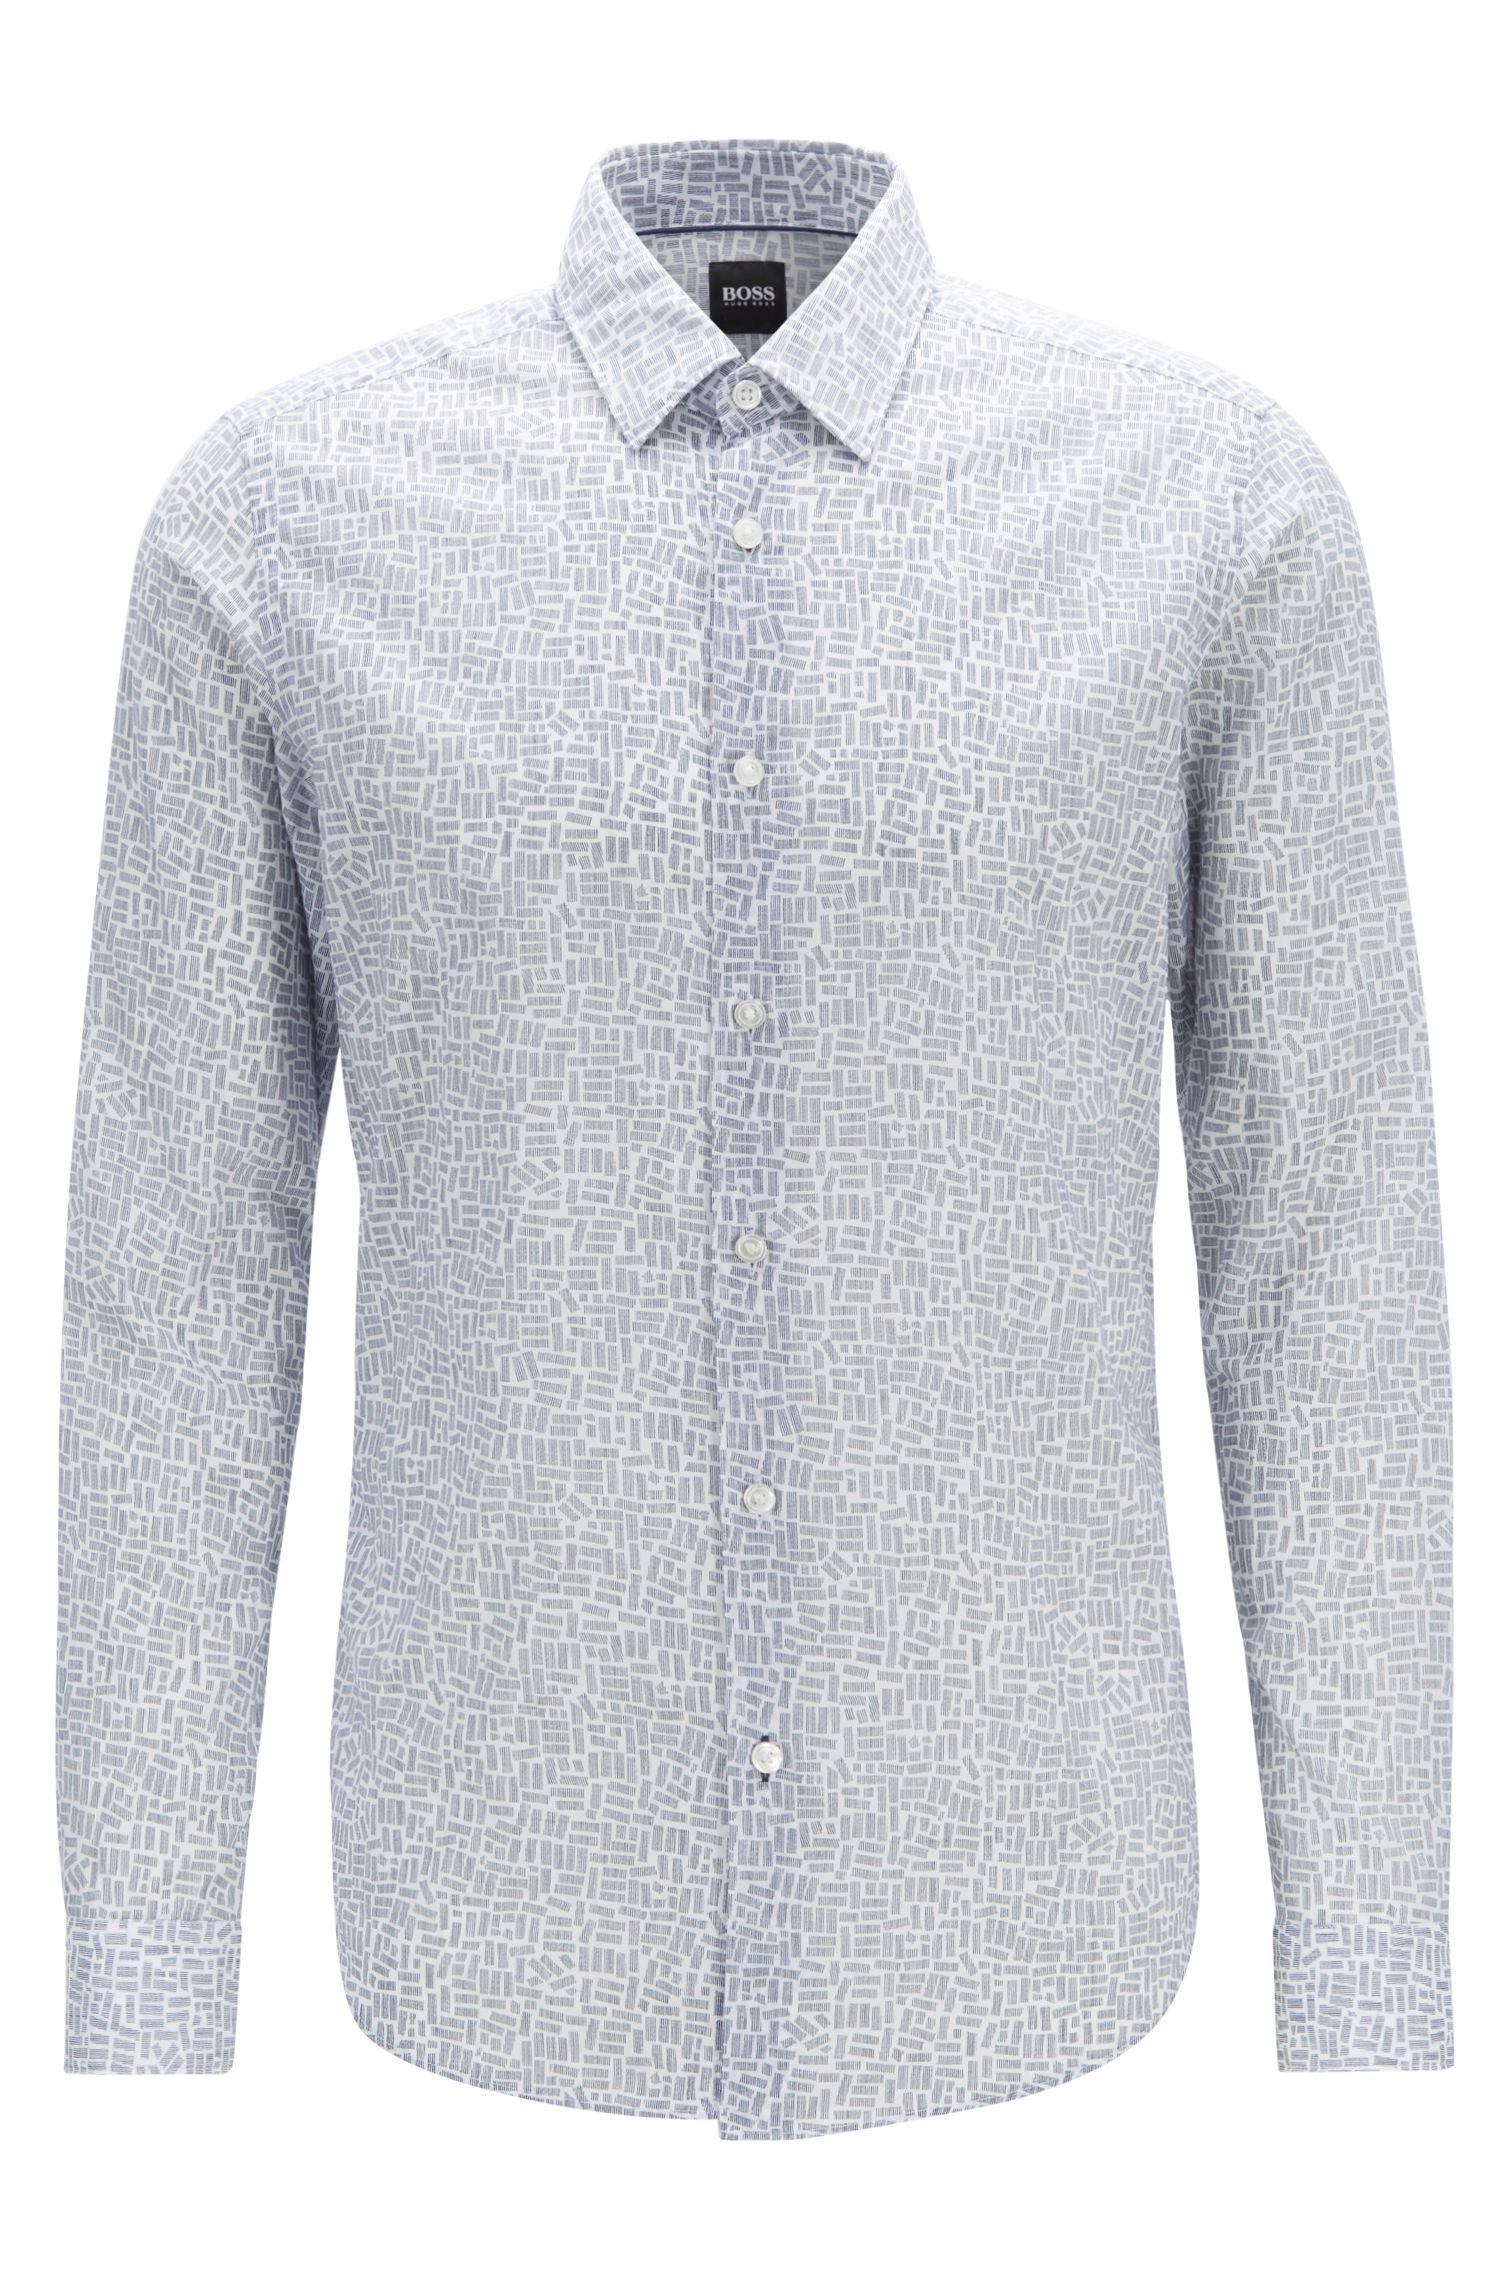 Regular-Fit Hemd aus italienischer Baumwolle mit Rechteck-Print, Hellblau